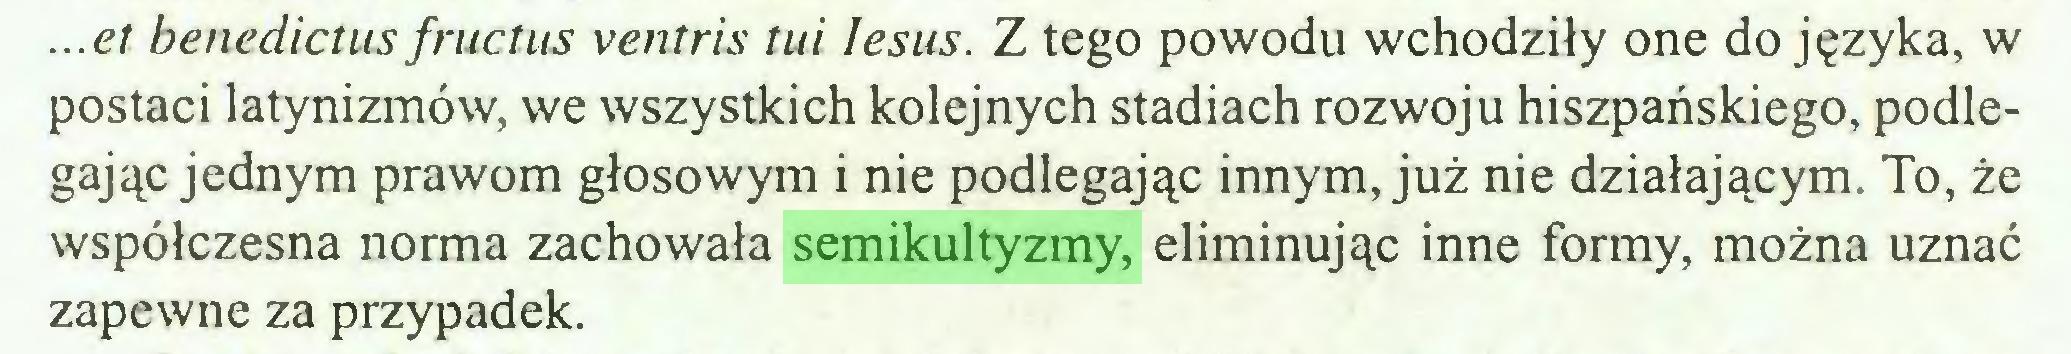 (...) ...et benedictus fructus ventris tui Iesus. Z tego powodu wchodziły one do języka, w postaci latynizmów, we wszystkich kolejnych stadiach rozwoju hiszpańskiego, podlegając jednym prawom głosowym i nie podlegając innym, już nie działającym. To, że współczesna norma zachowała semikultyzmy, eliminując inne formy, można uznać zapewne za przypadek...